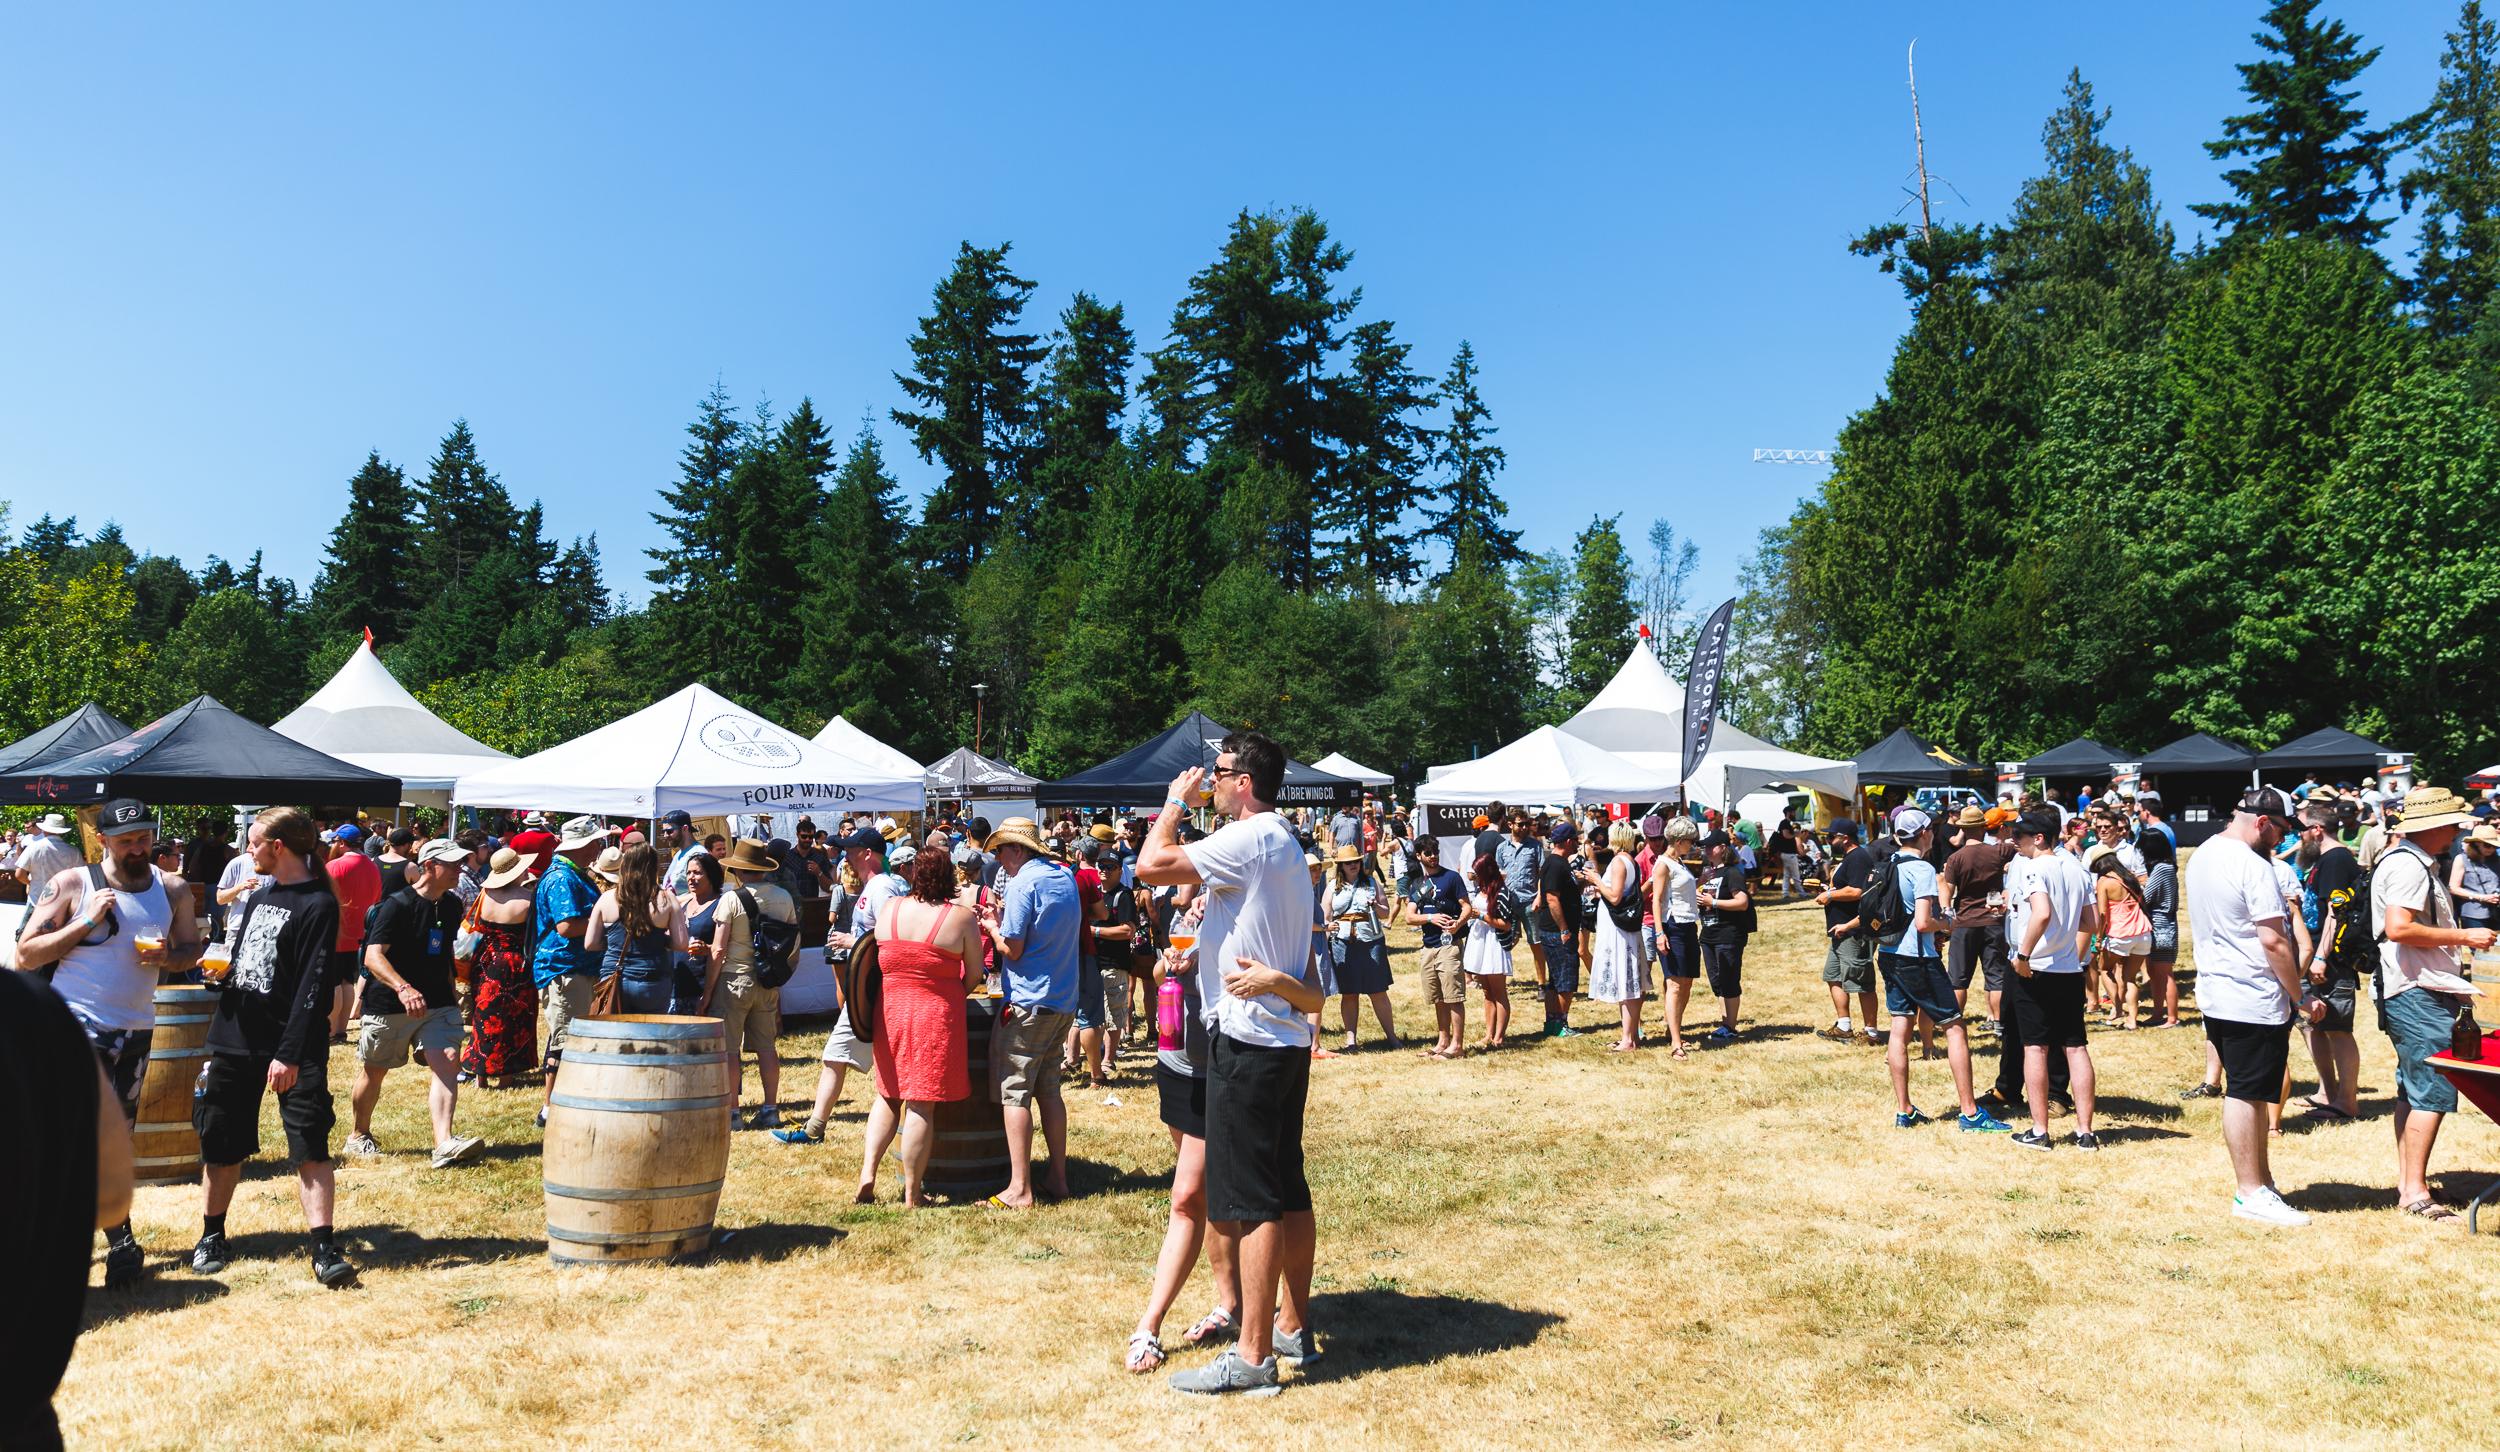 Farmhouse-Fest-Vancouver-image16.jpg